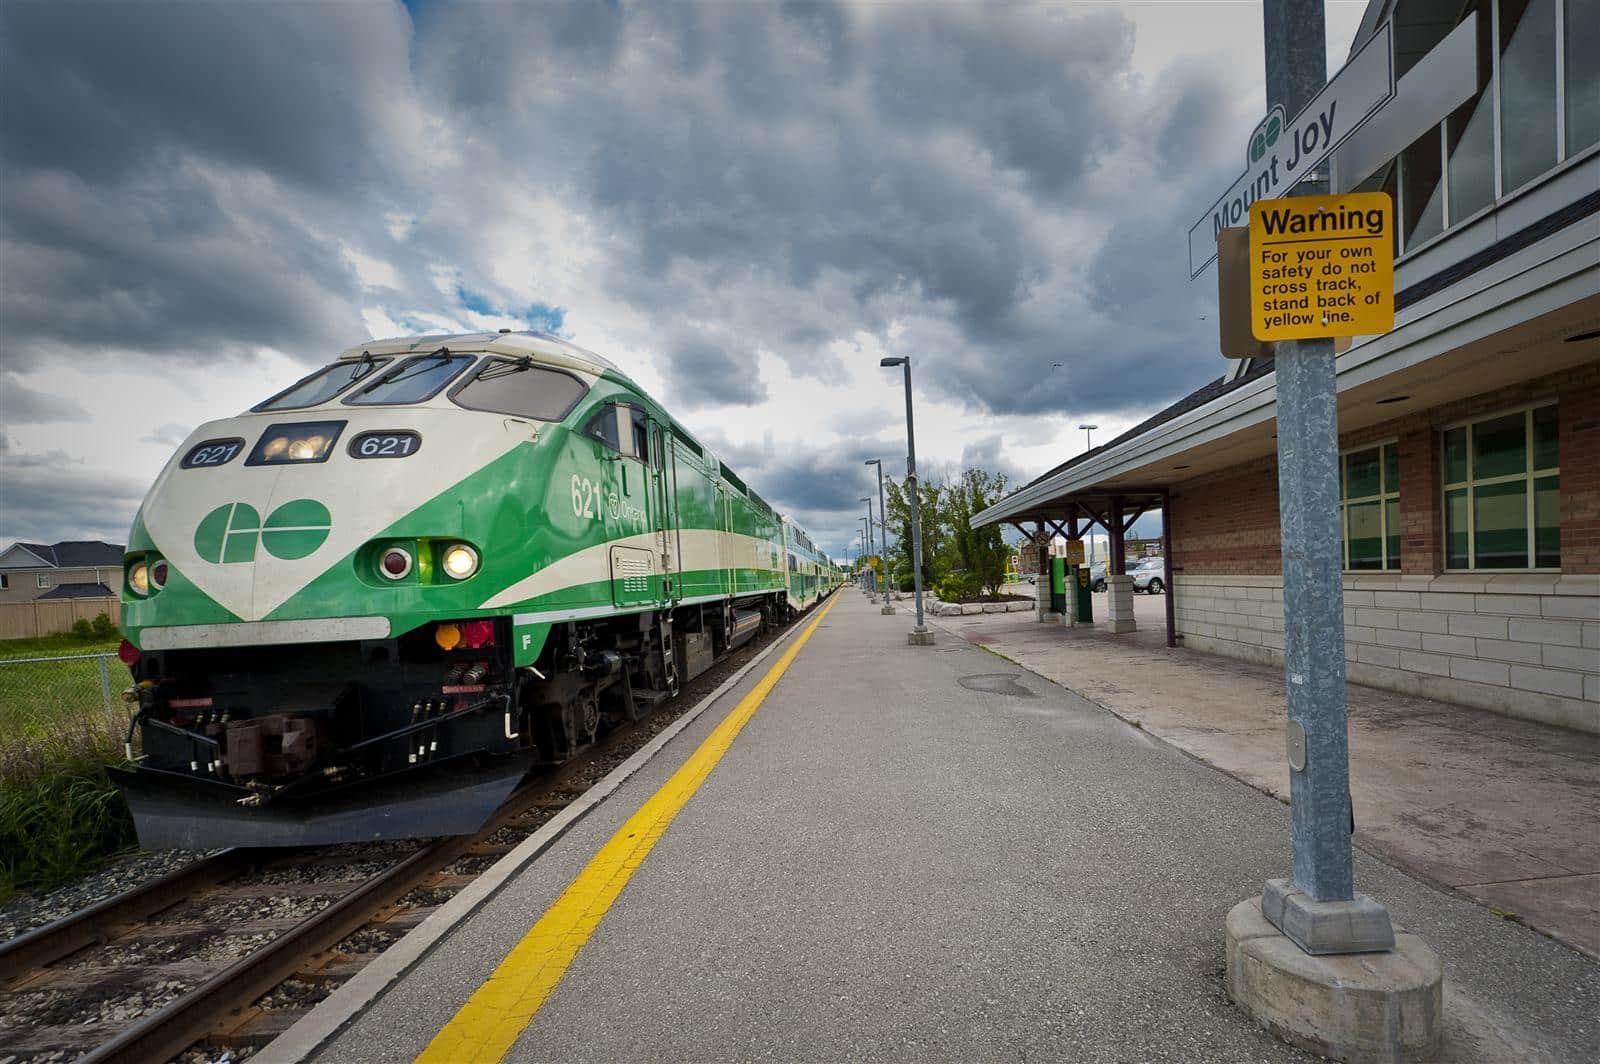 Aprobación de estación de GO en Vaughn de parte de Metrolinx aumentará dotación de trenes y vagones